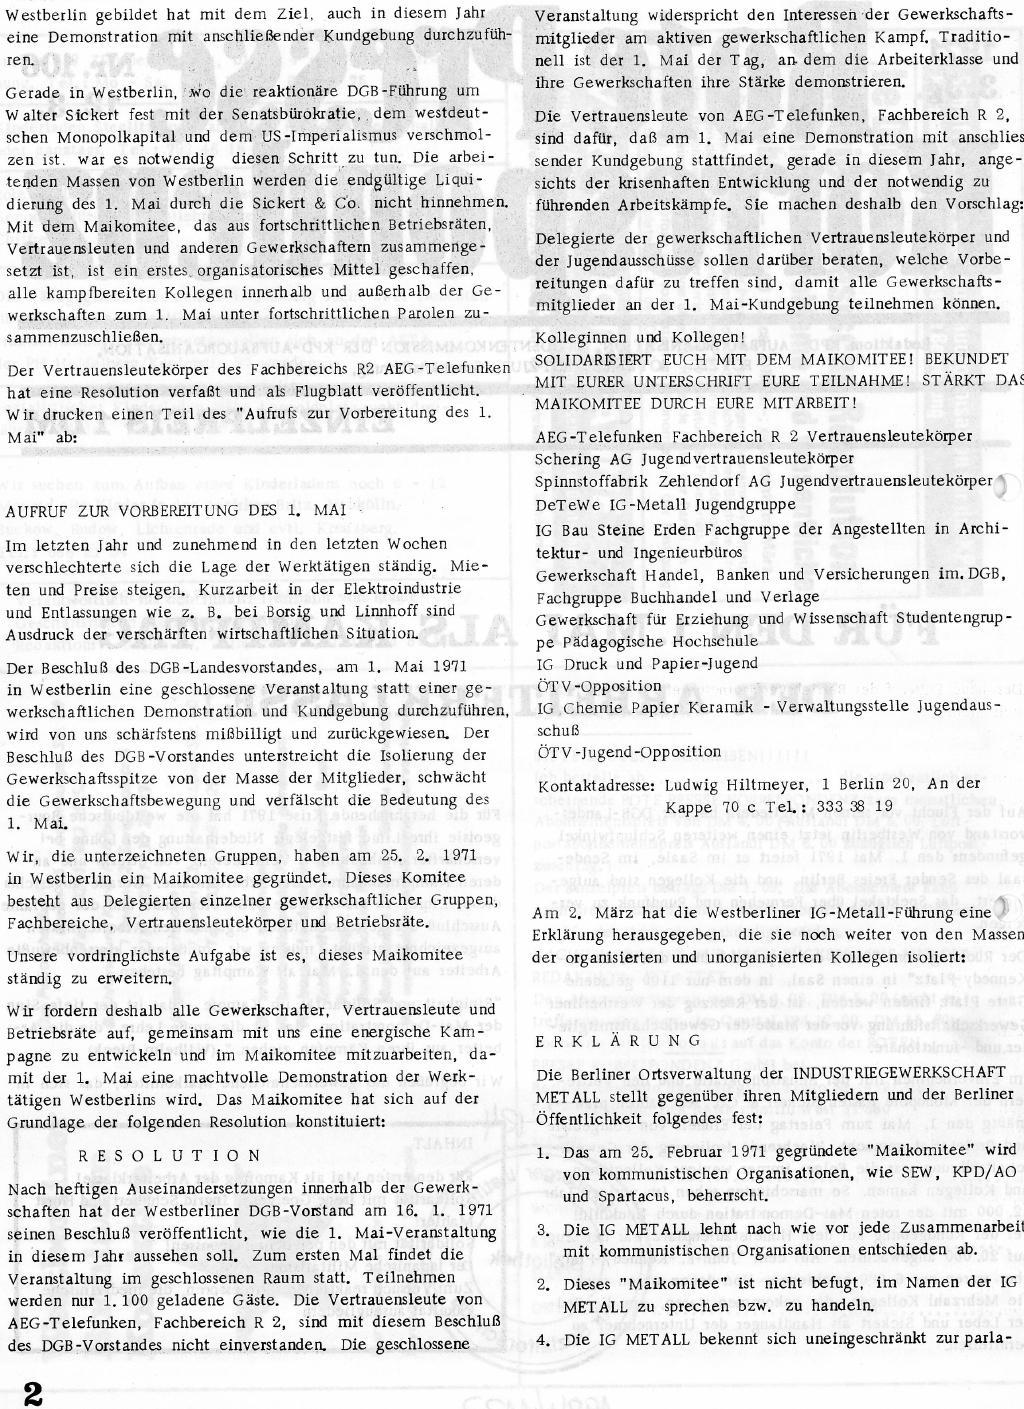 RPK_1971_106_02